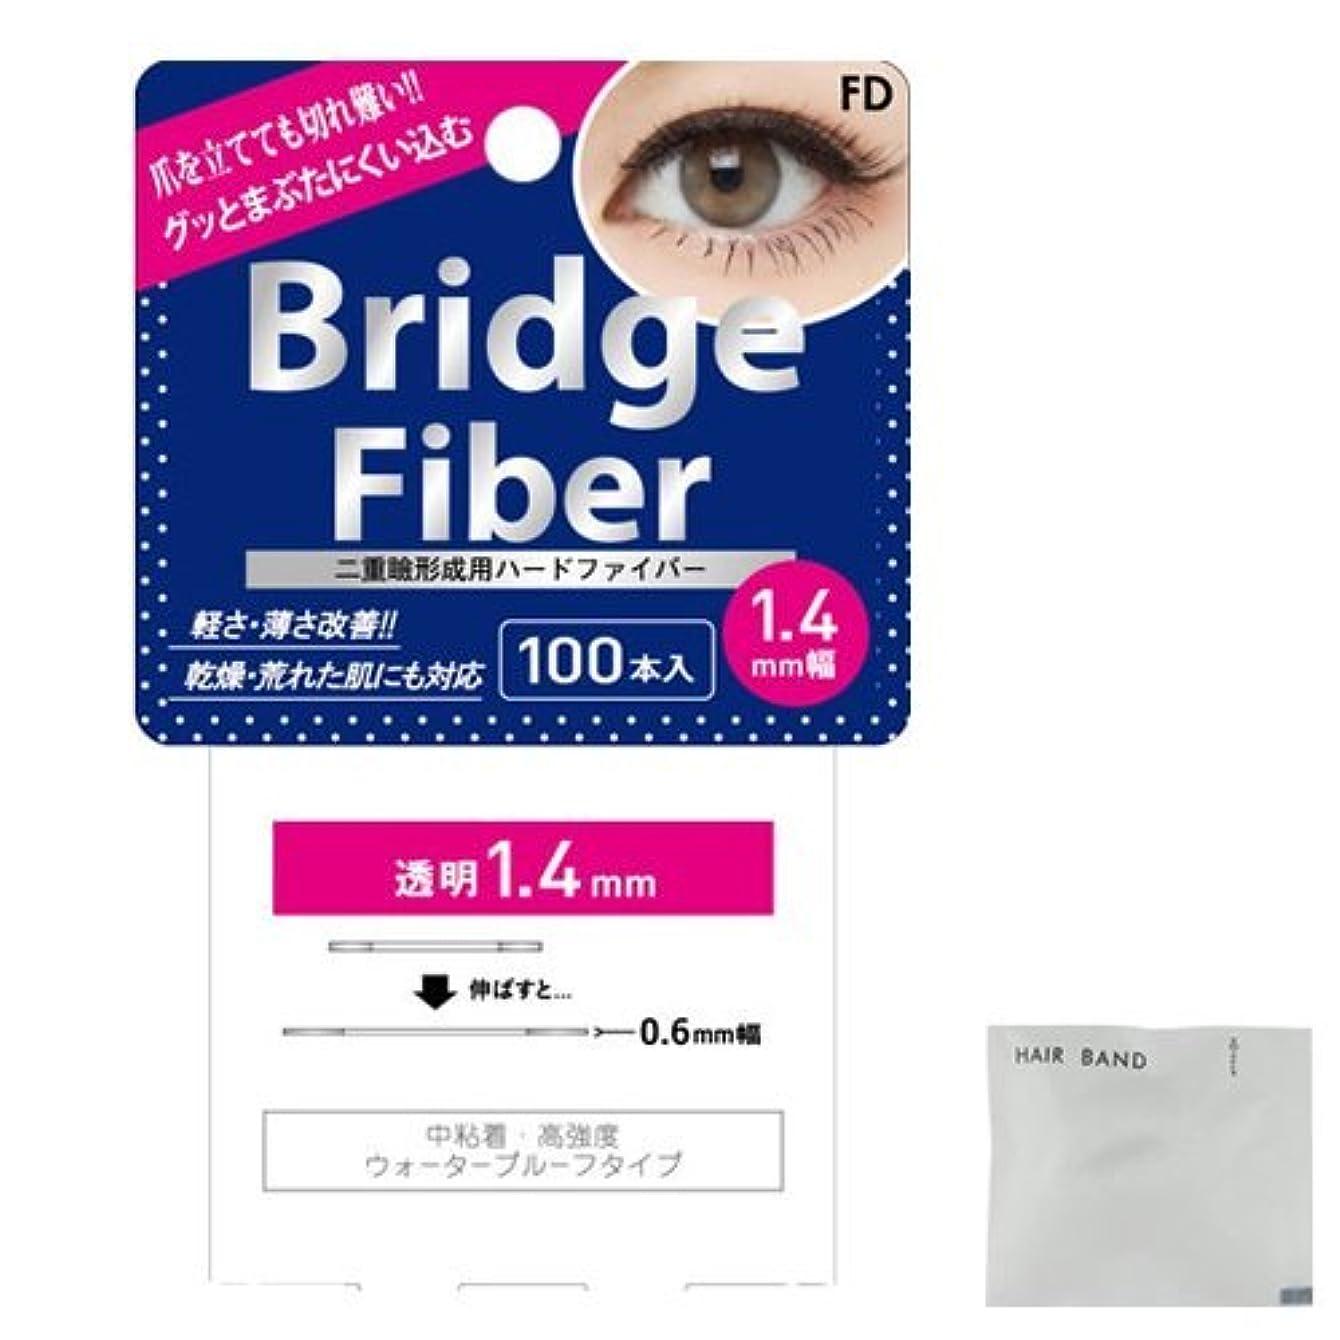 ではごきげんようレンディション石膏FD ブリッジファイバーⅡ (Bridge Fiber) クリア1.4mm + ヘアゴム(カラーはおまかせ)セット